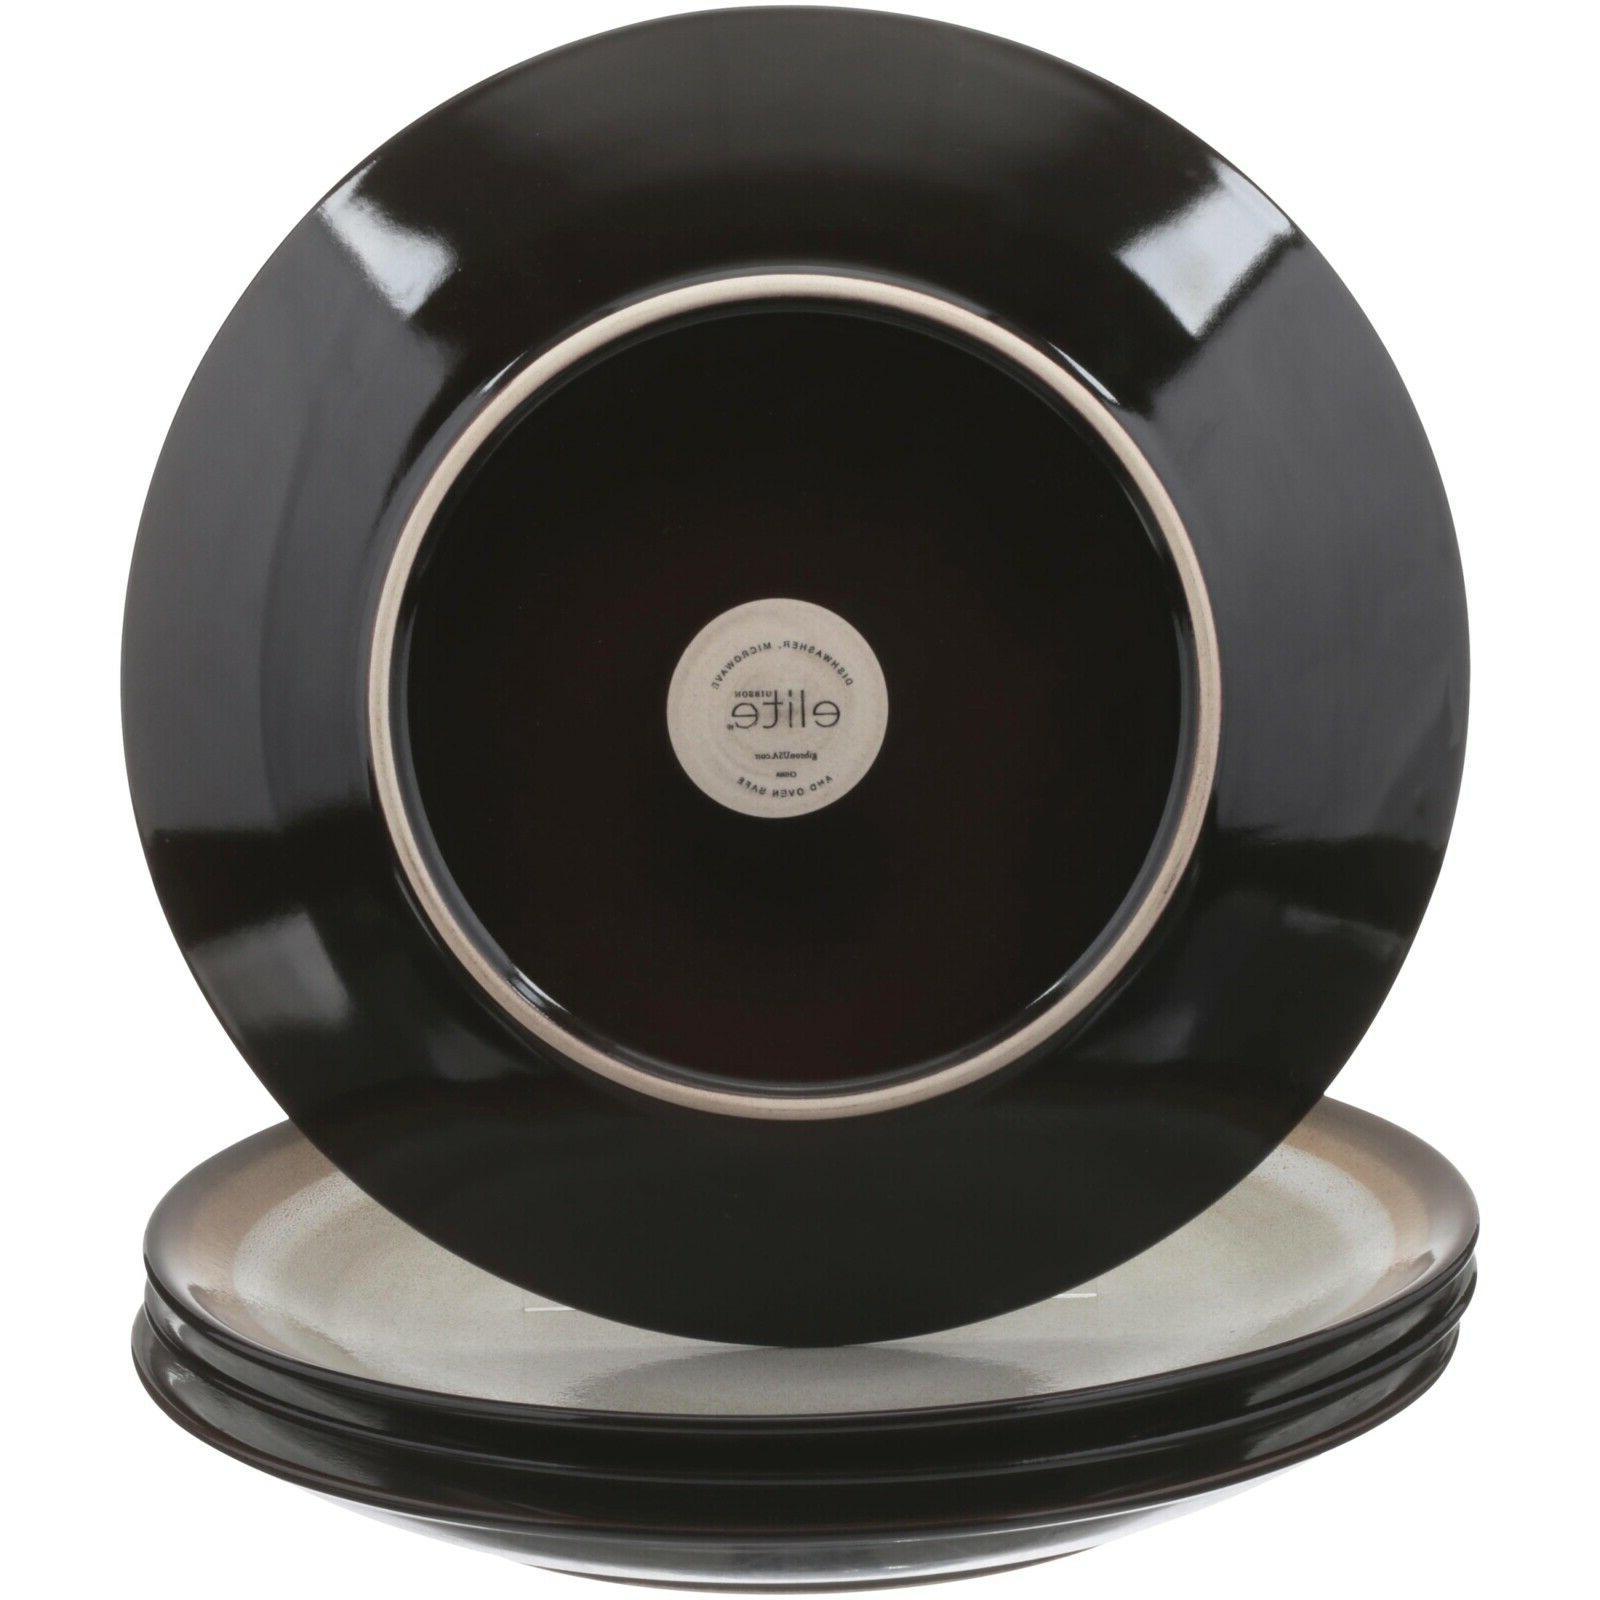 Gibson Home Terra Blue 16-Piece Dinnerware Set